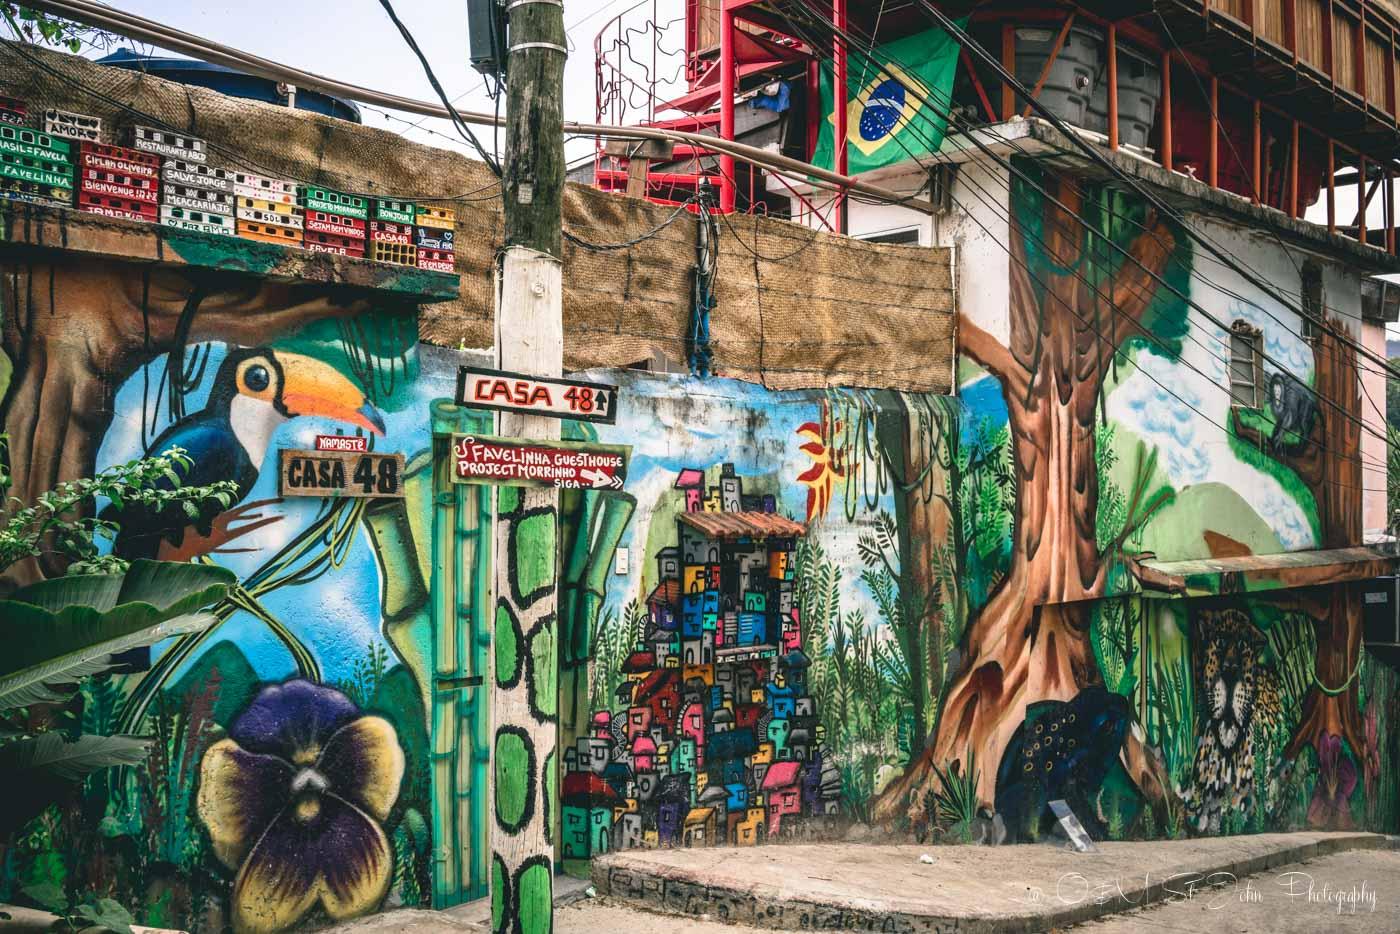 Entrance to the Pereira da Silva Favela